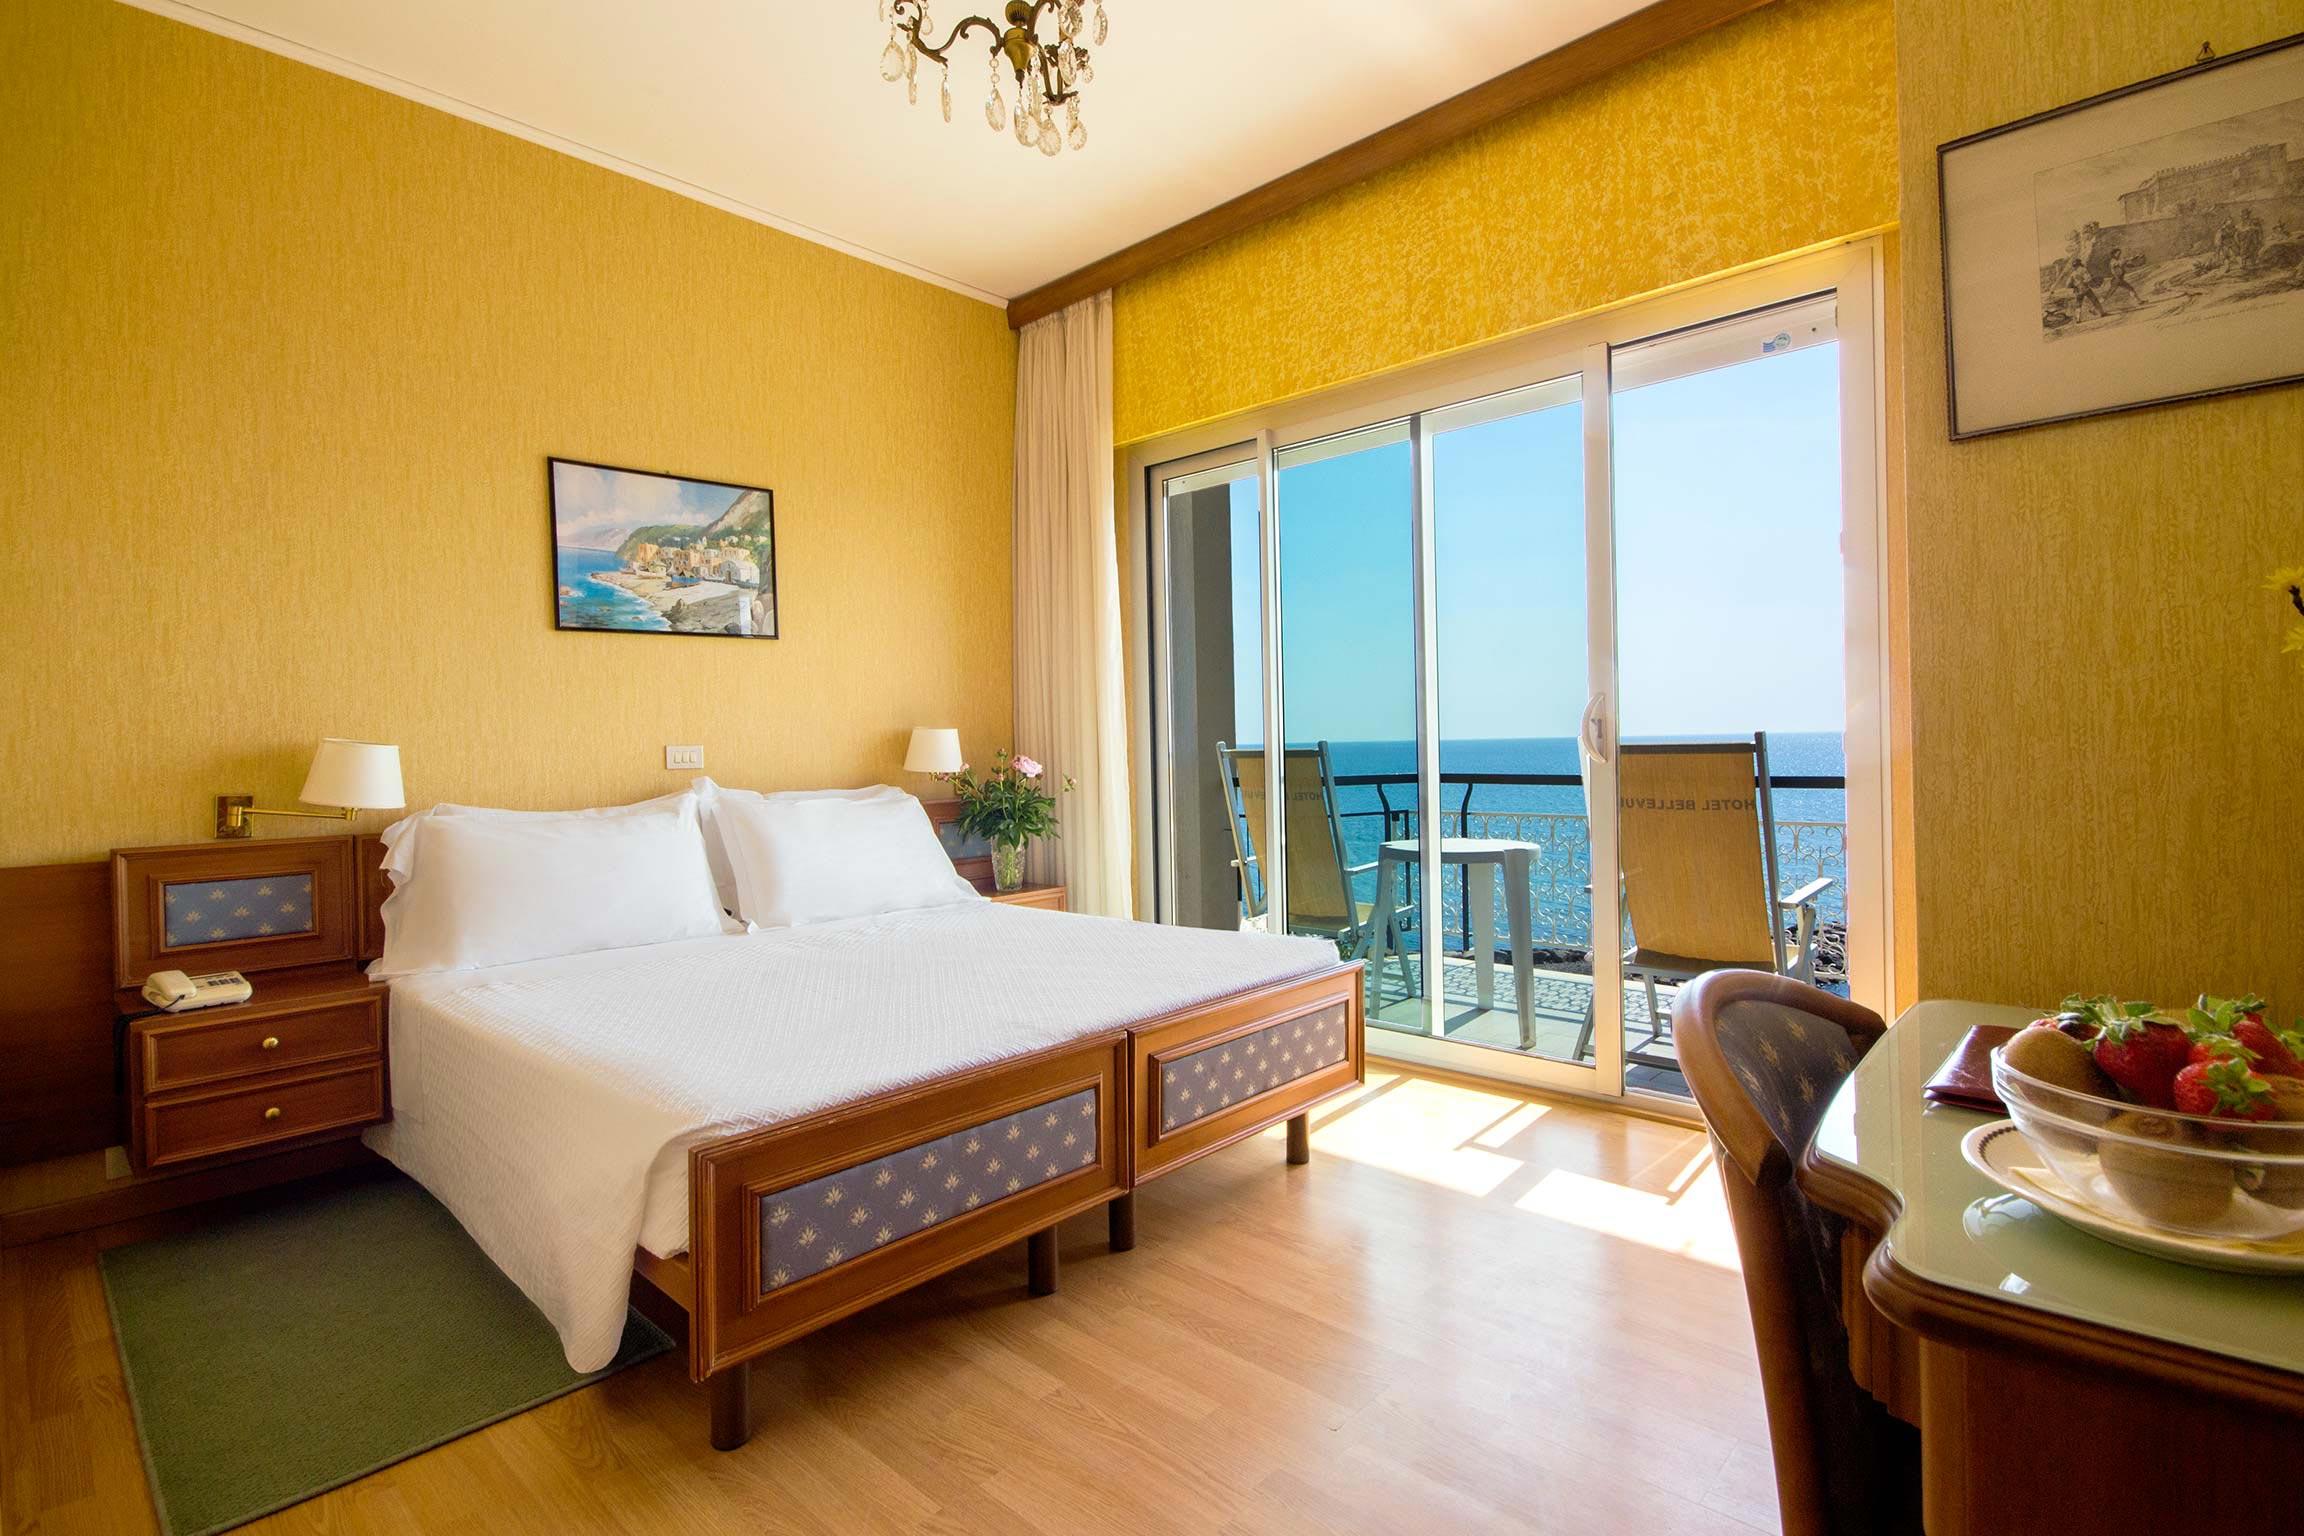 camere hotel diano marina - tripla vista mare